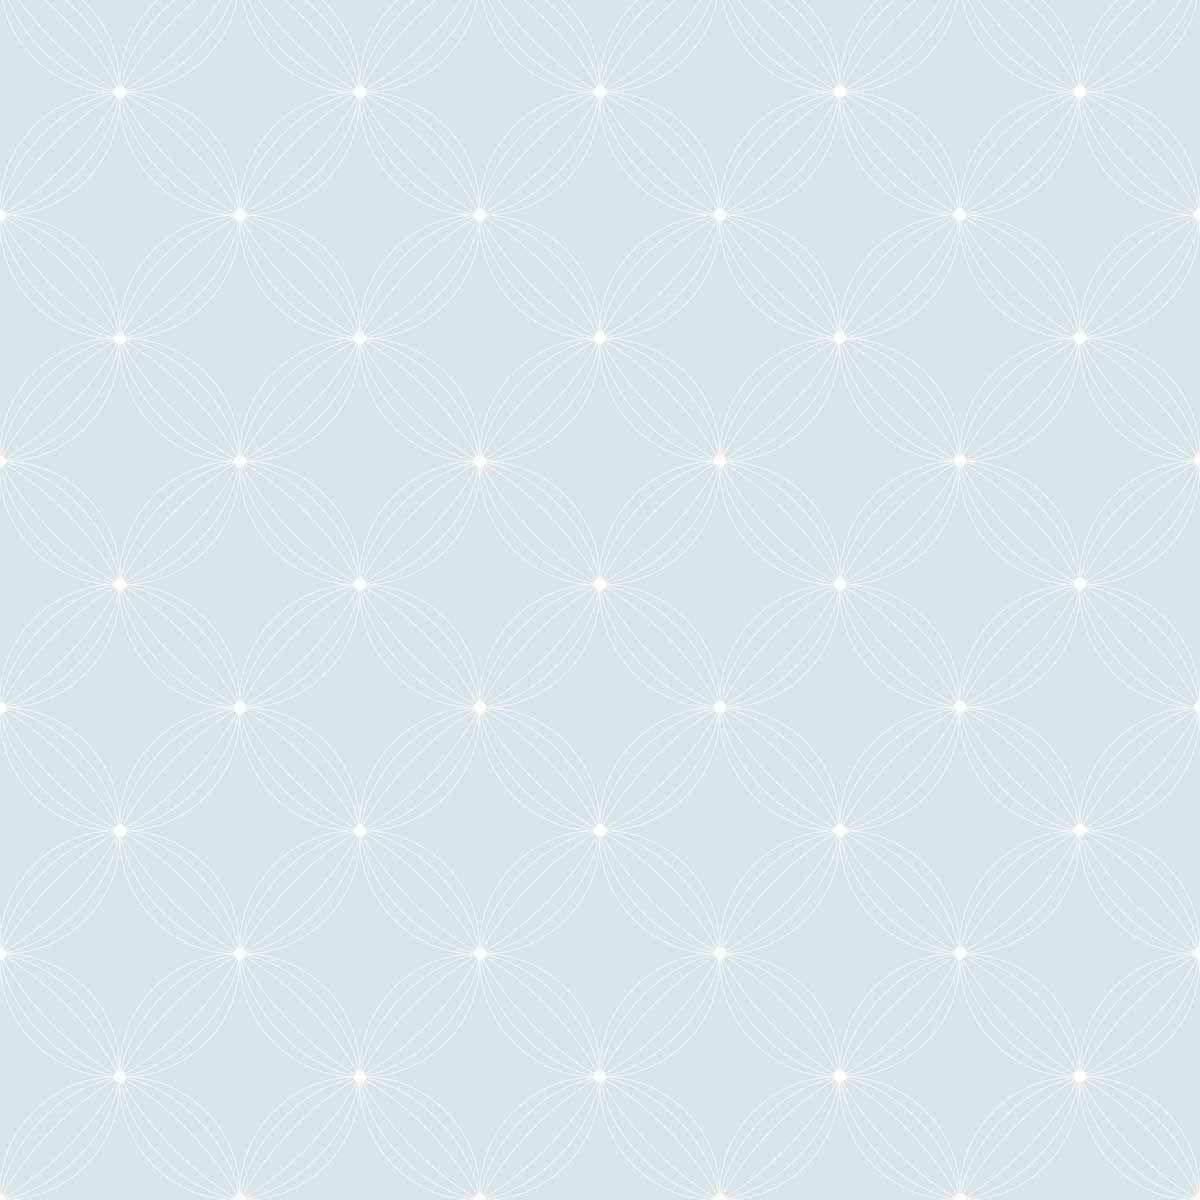 Papier peint polaire Fox duplex